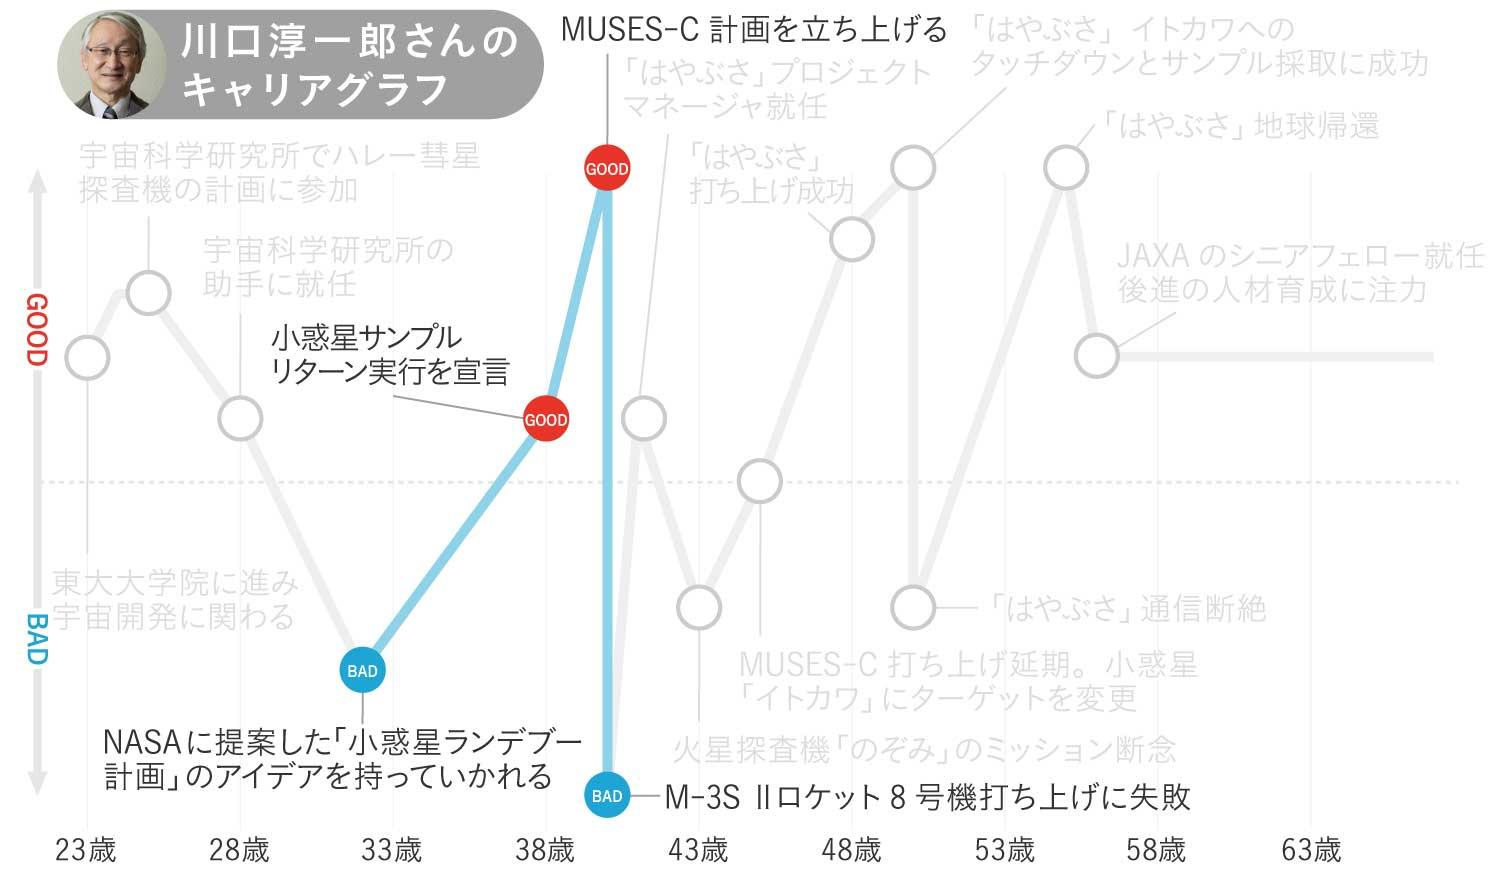 川口淳一郎さんのキャリアグラフ2